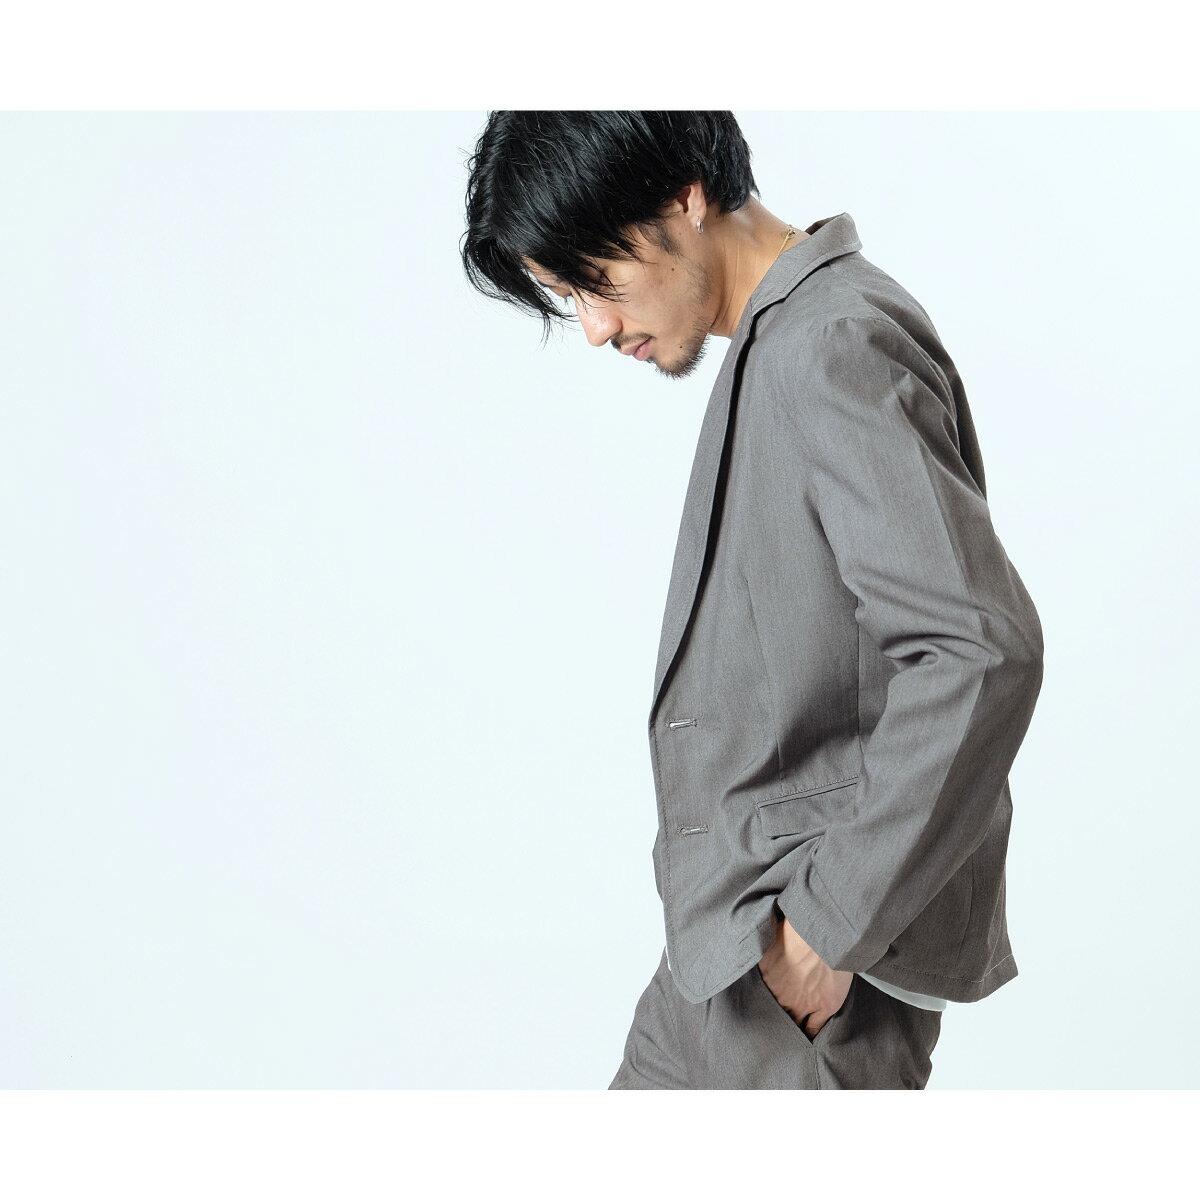 セットアップ メンズ 上下セット テーラードジャケット スラックス アウター パンツ 無地 ストレッチ スーツ ZIP ジップ  【zp-setup008】D